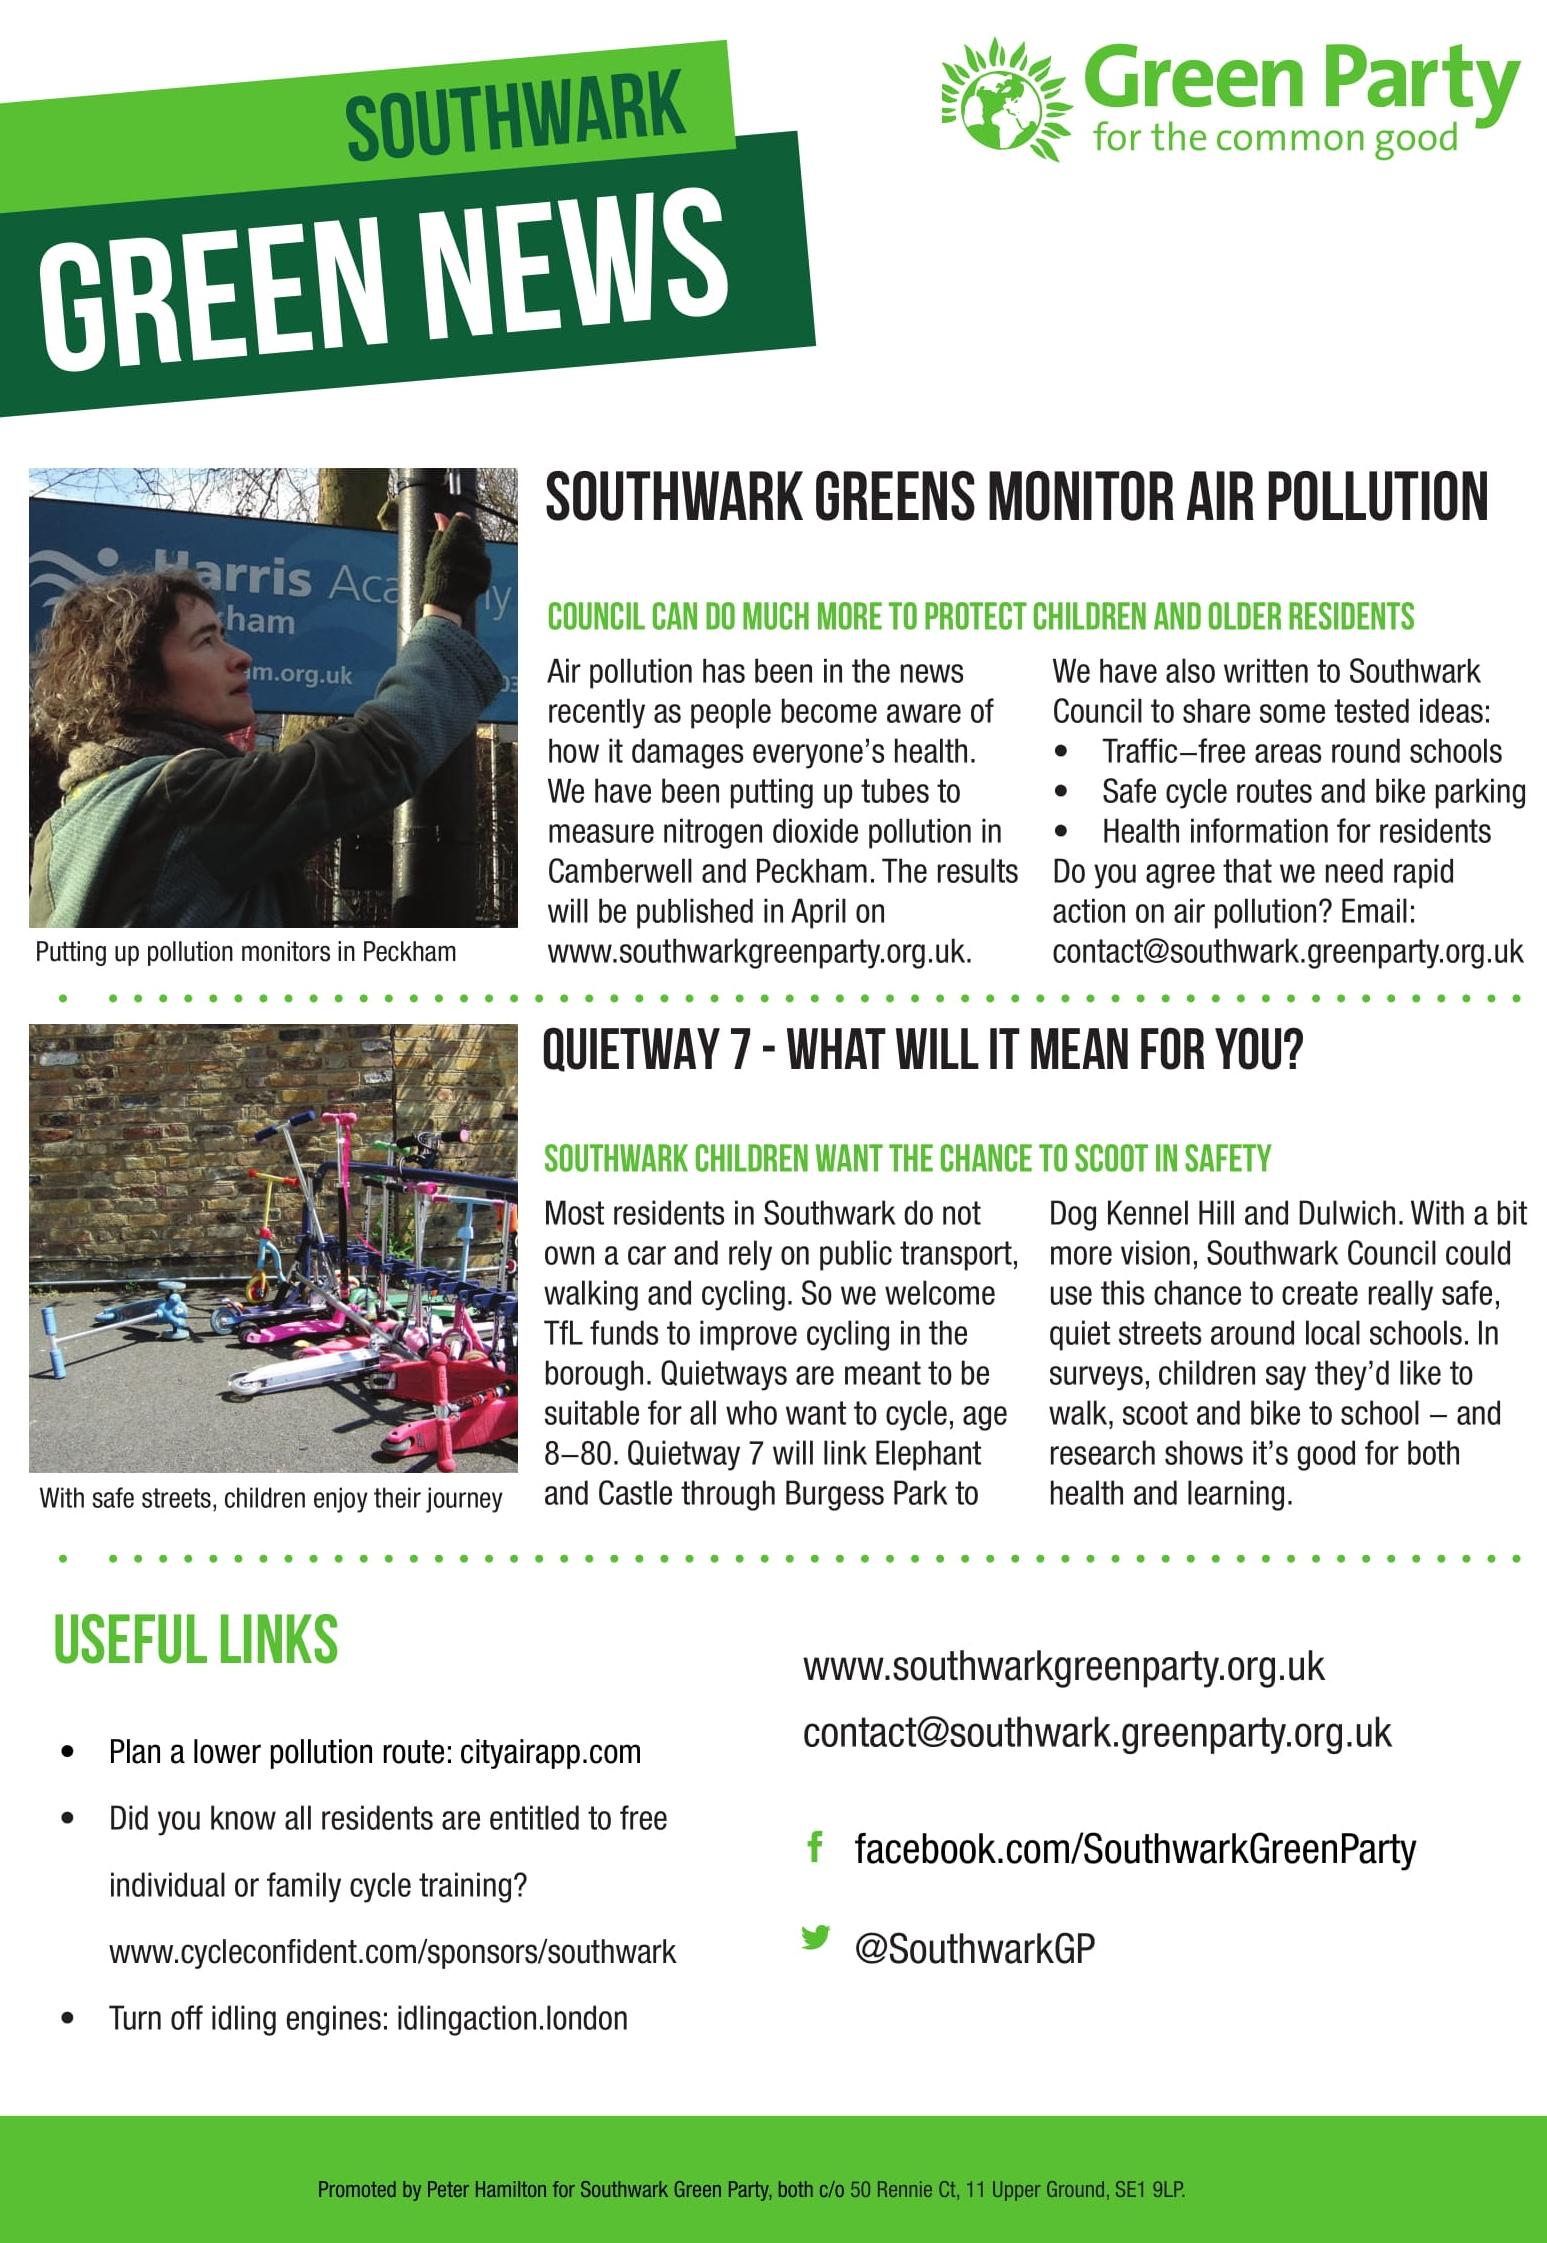 01.a_Southwark_Green_News_March_2017-1.jpg